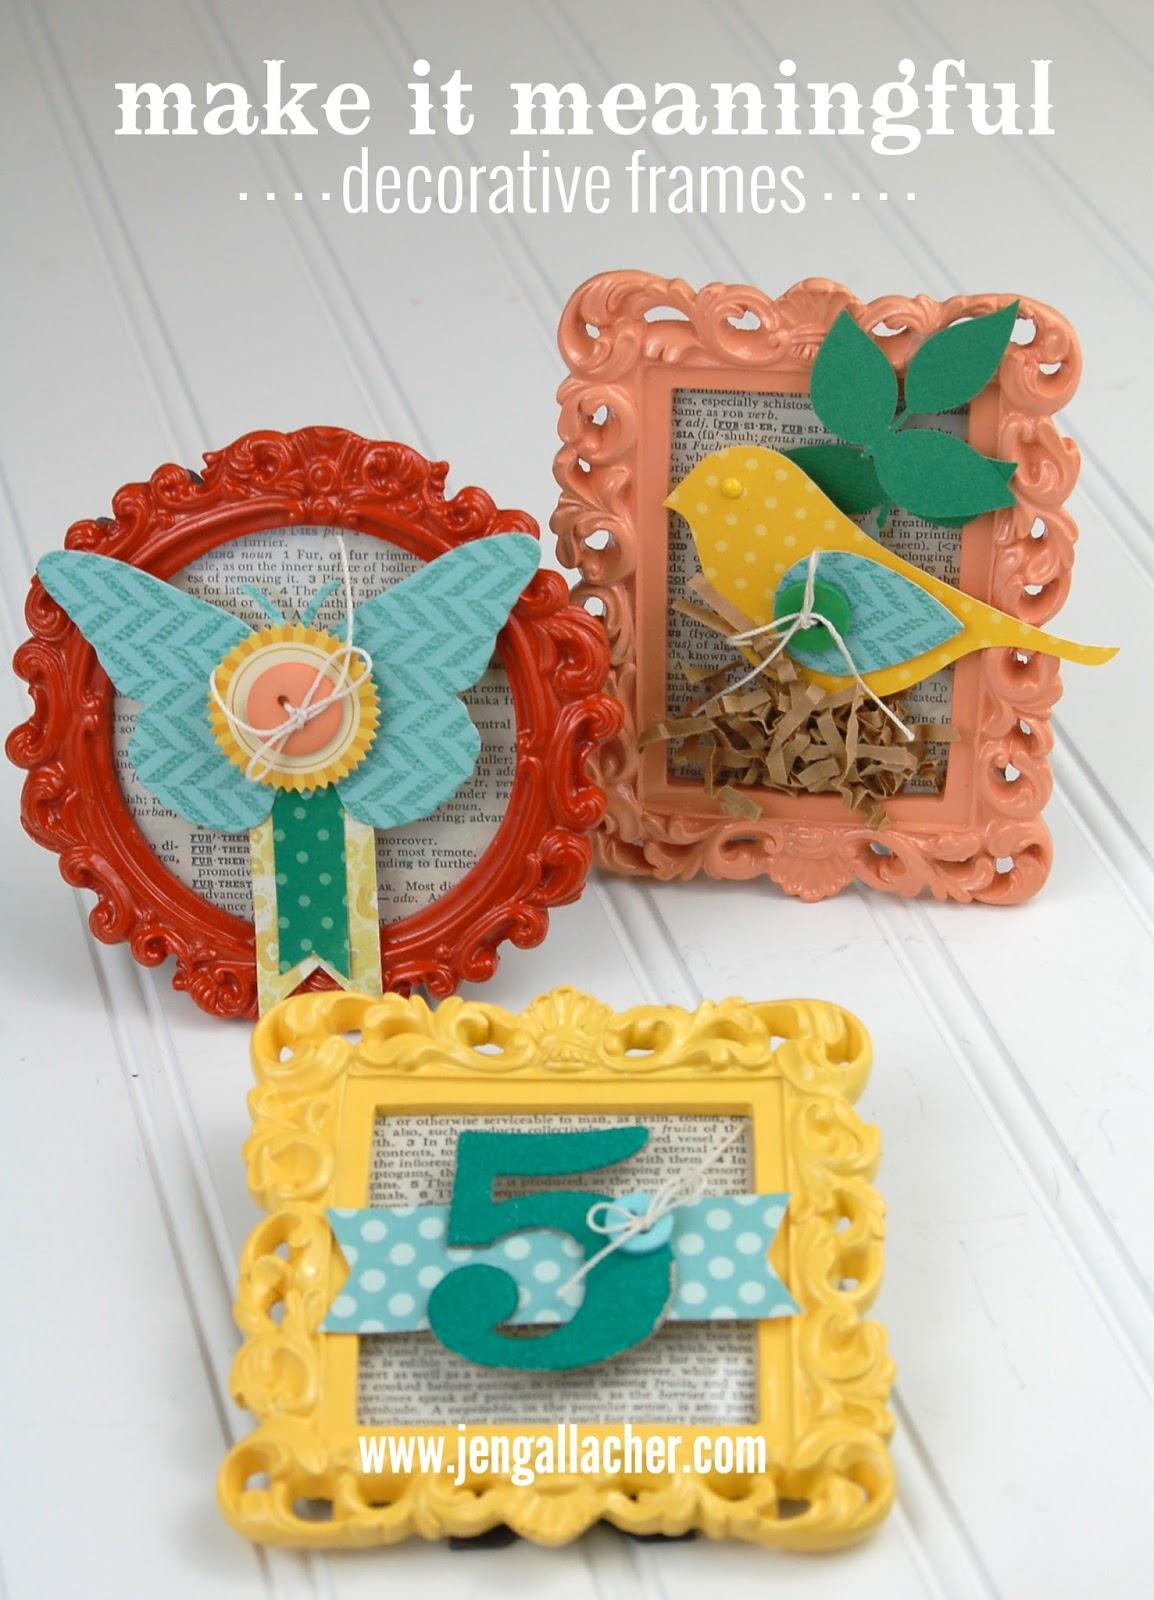 Handmade Decorative Frame Gifts | Jen Gallacher